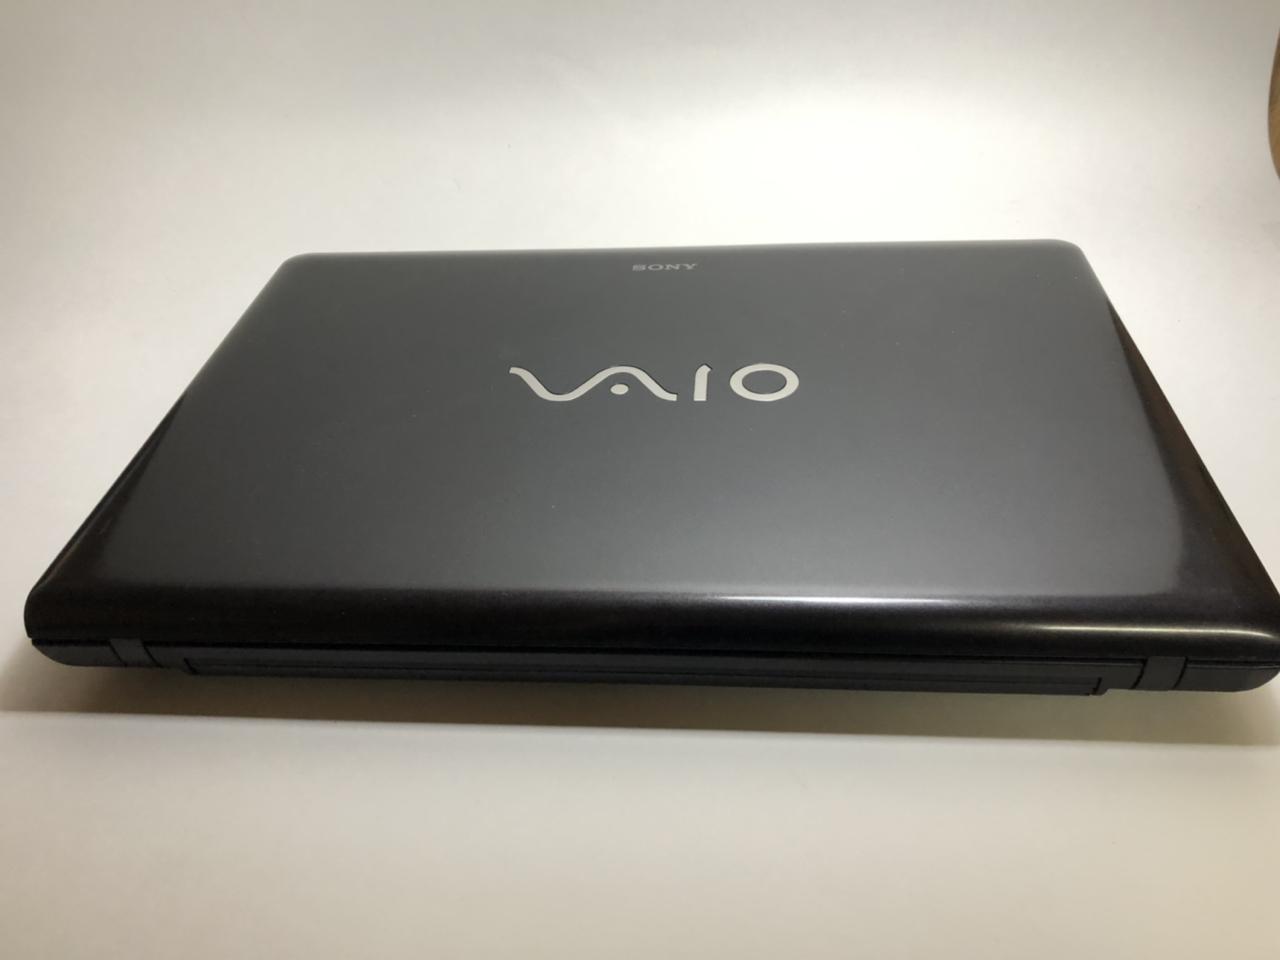 소니 바이오 15.6인치 노트북